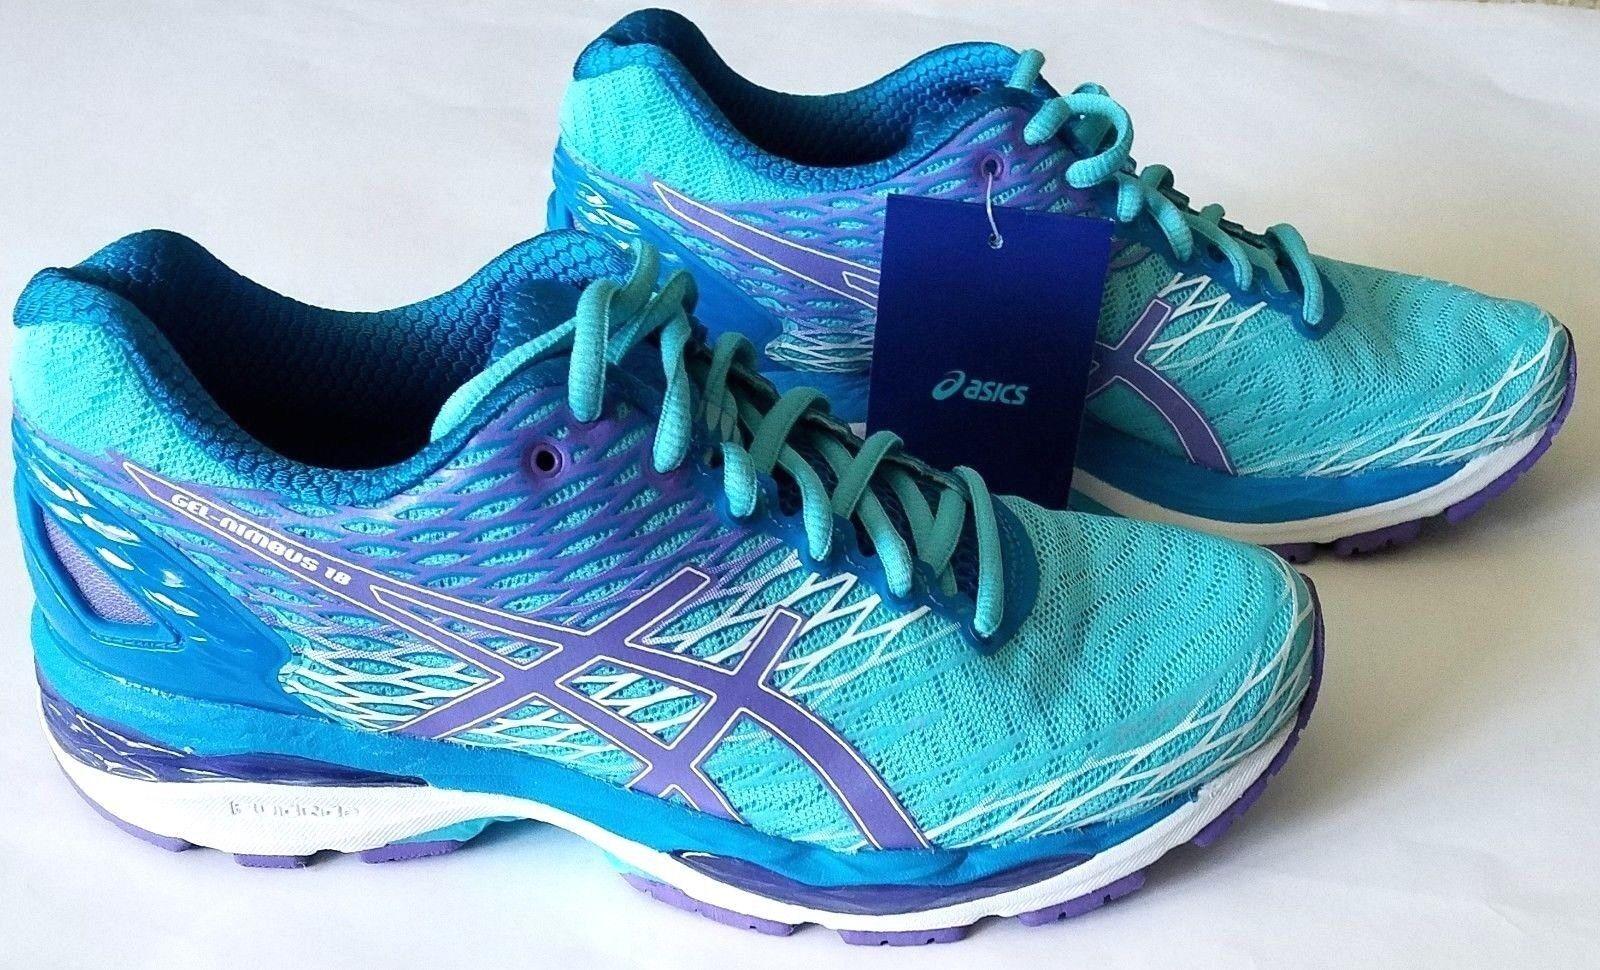 Asics Gel-Nimbus 18 Women shoes Turquoise Iris Methyl bluee T650N Size 6, 7